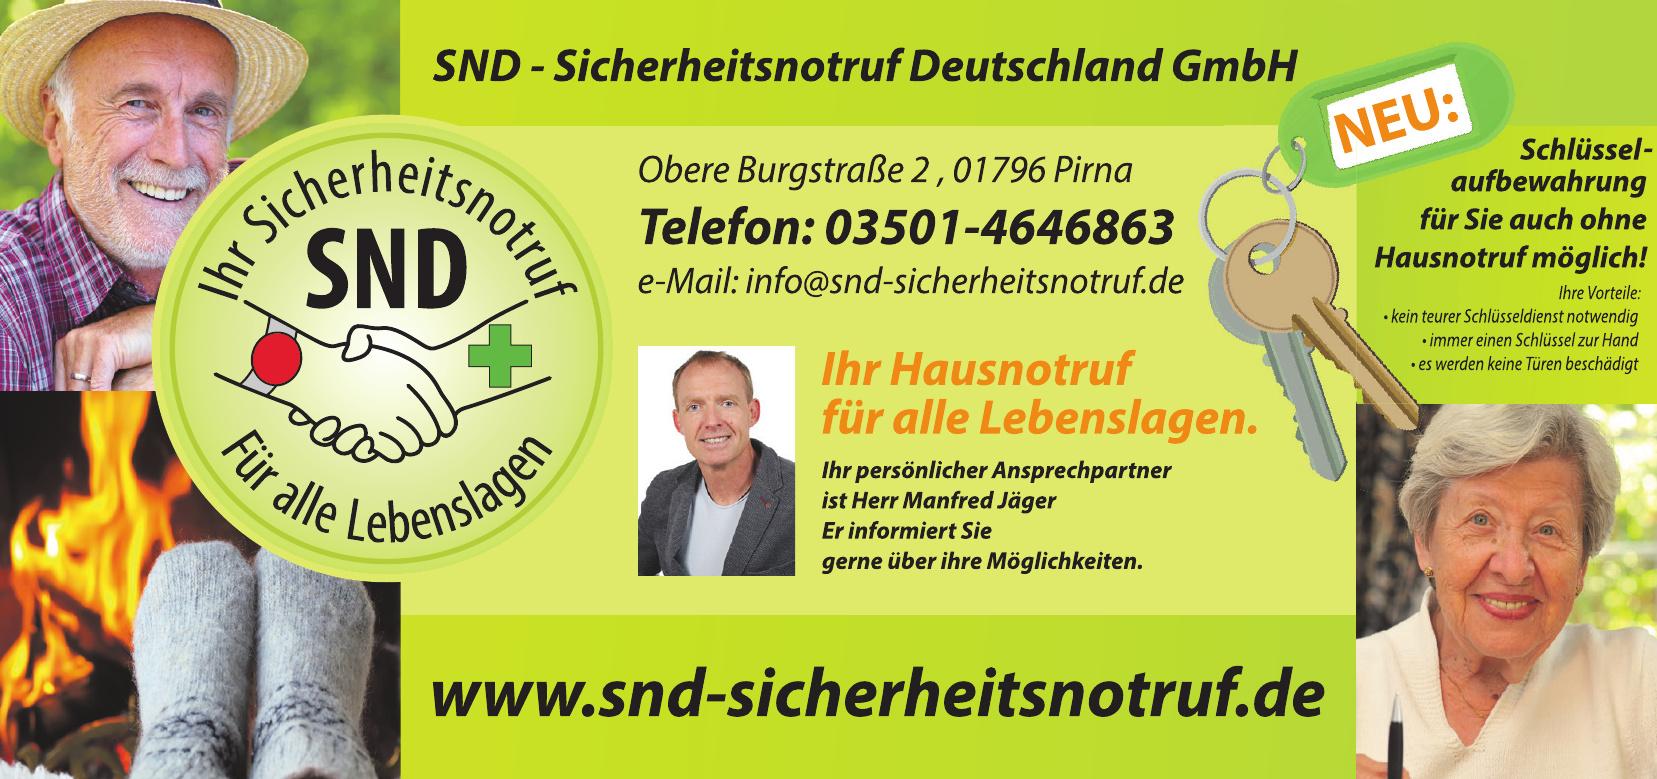 SND-Sicherheitsnotruf-Deutschland GmbH